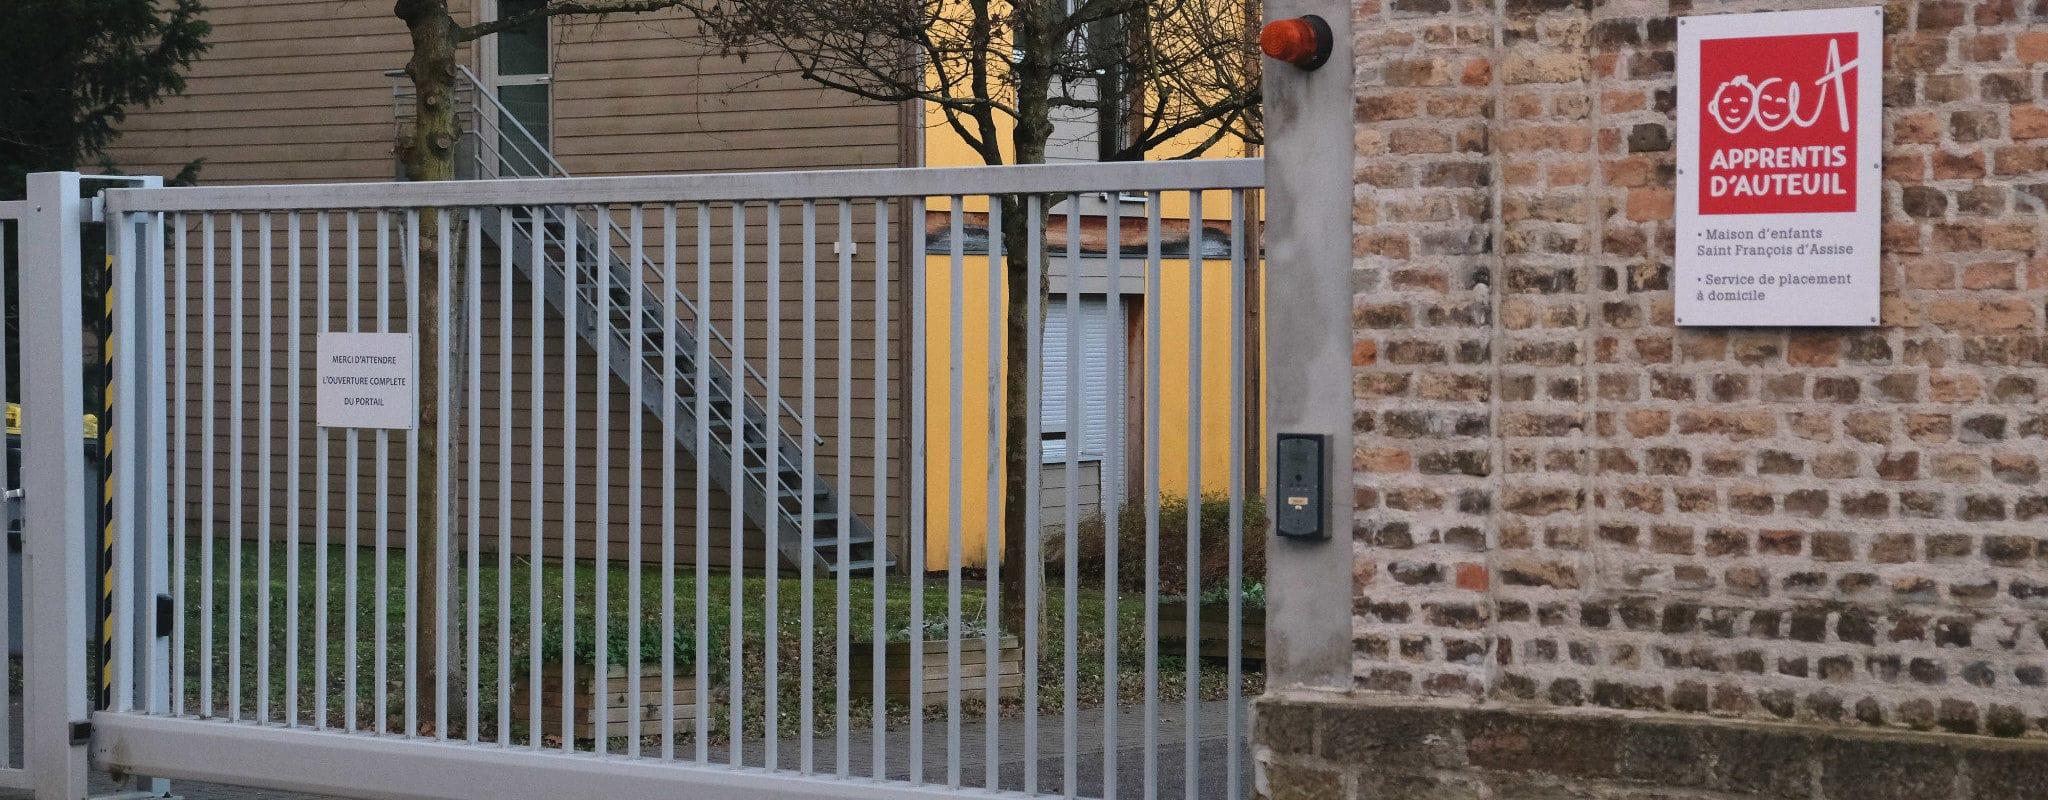 Protection de l'enfance: une directrice des Apprentis d'Auteuil licenciée pour détournements